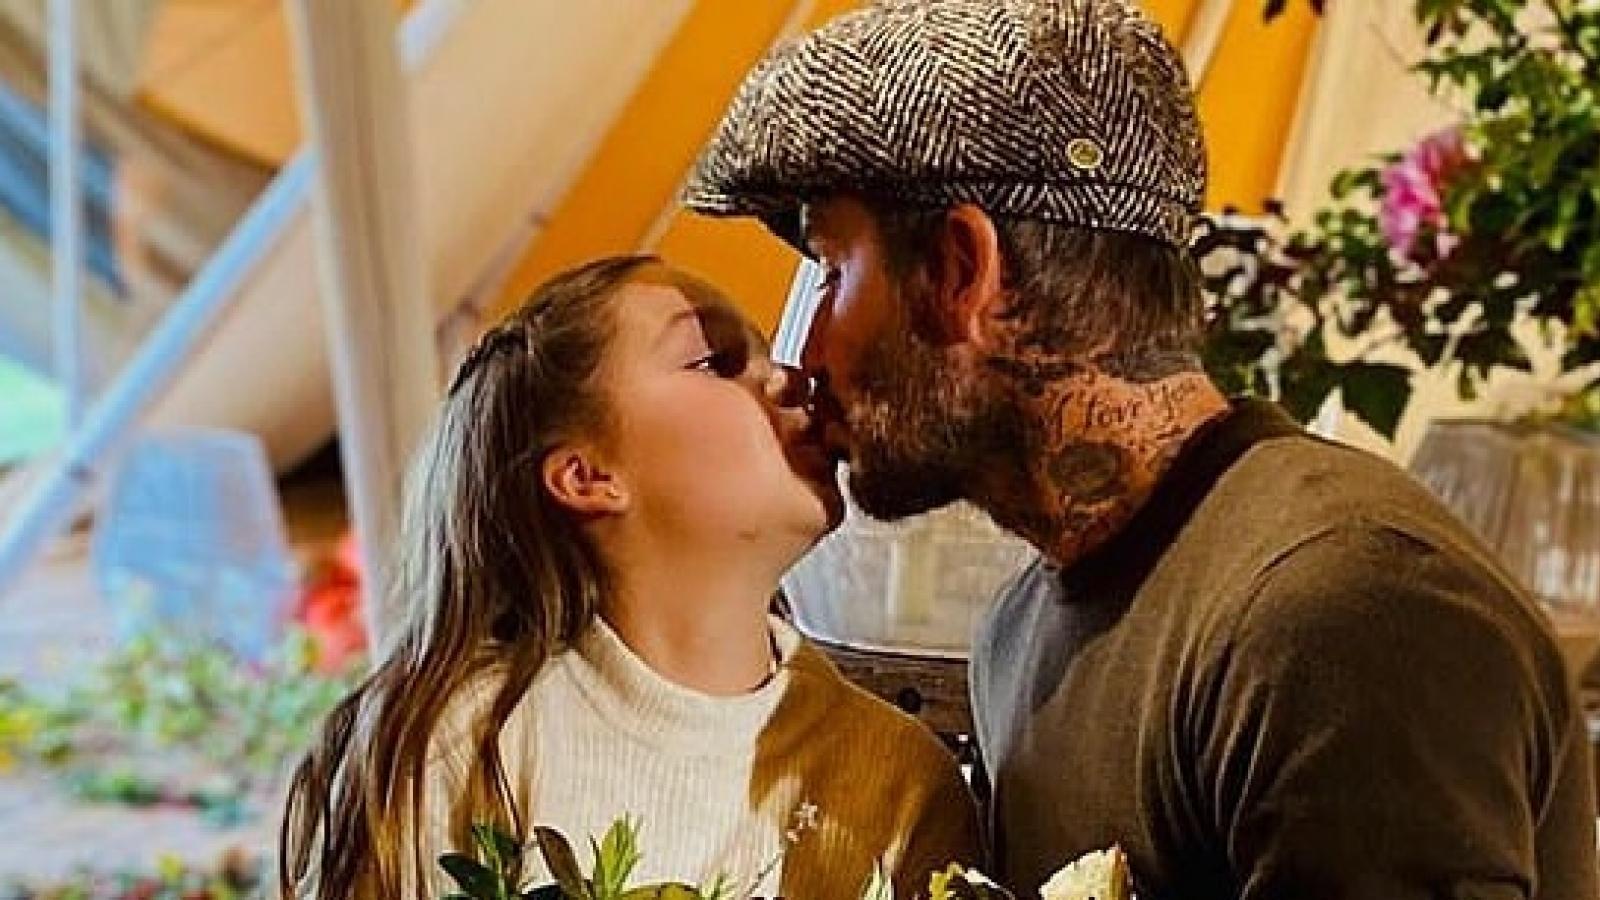 David Beckham và con gái cưng hào hứng đi thu hoạch rau quả tại trang trại